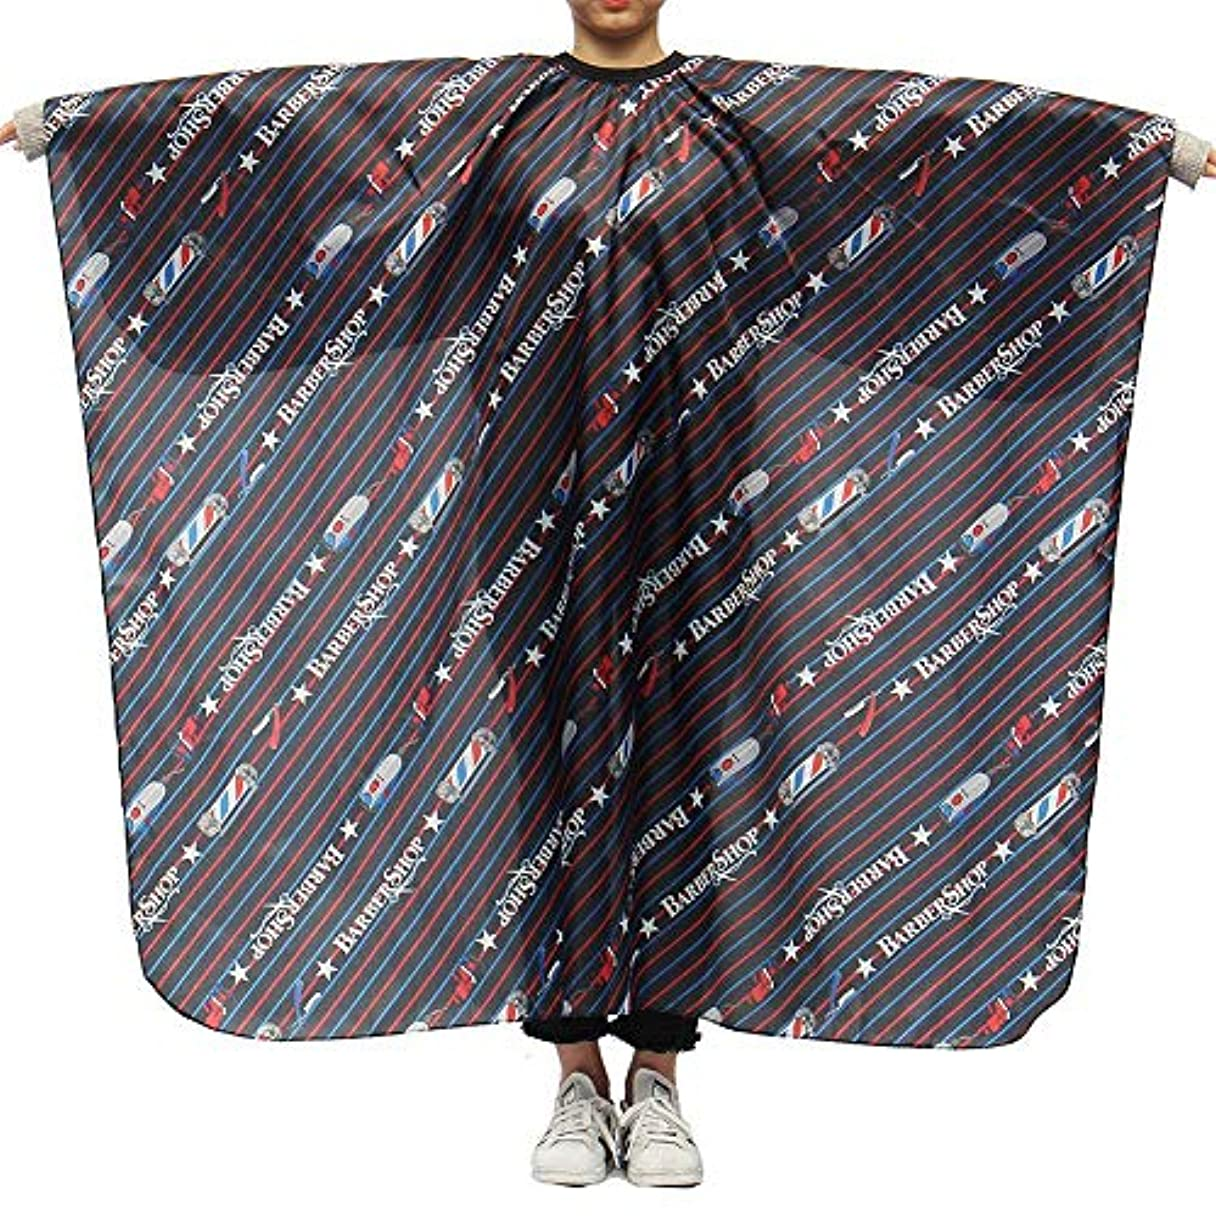 運賃横医学Ling(リンー)-ビューティー 理髪ケープ 理髪布 店用 家庭用 通気性 滑らか ポリエステル製